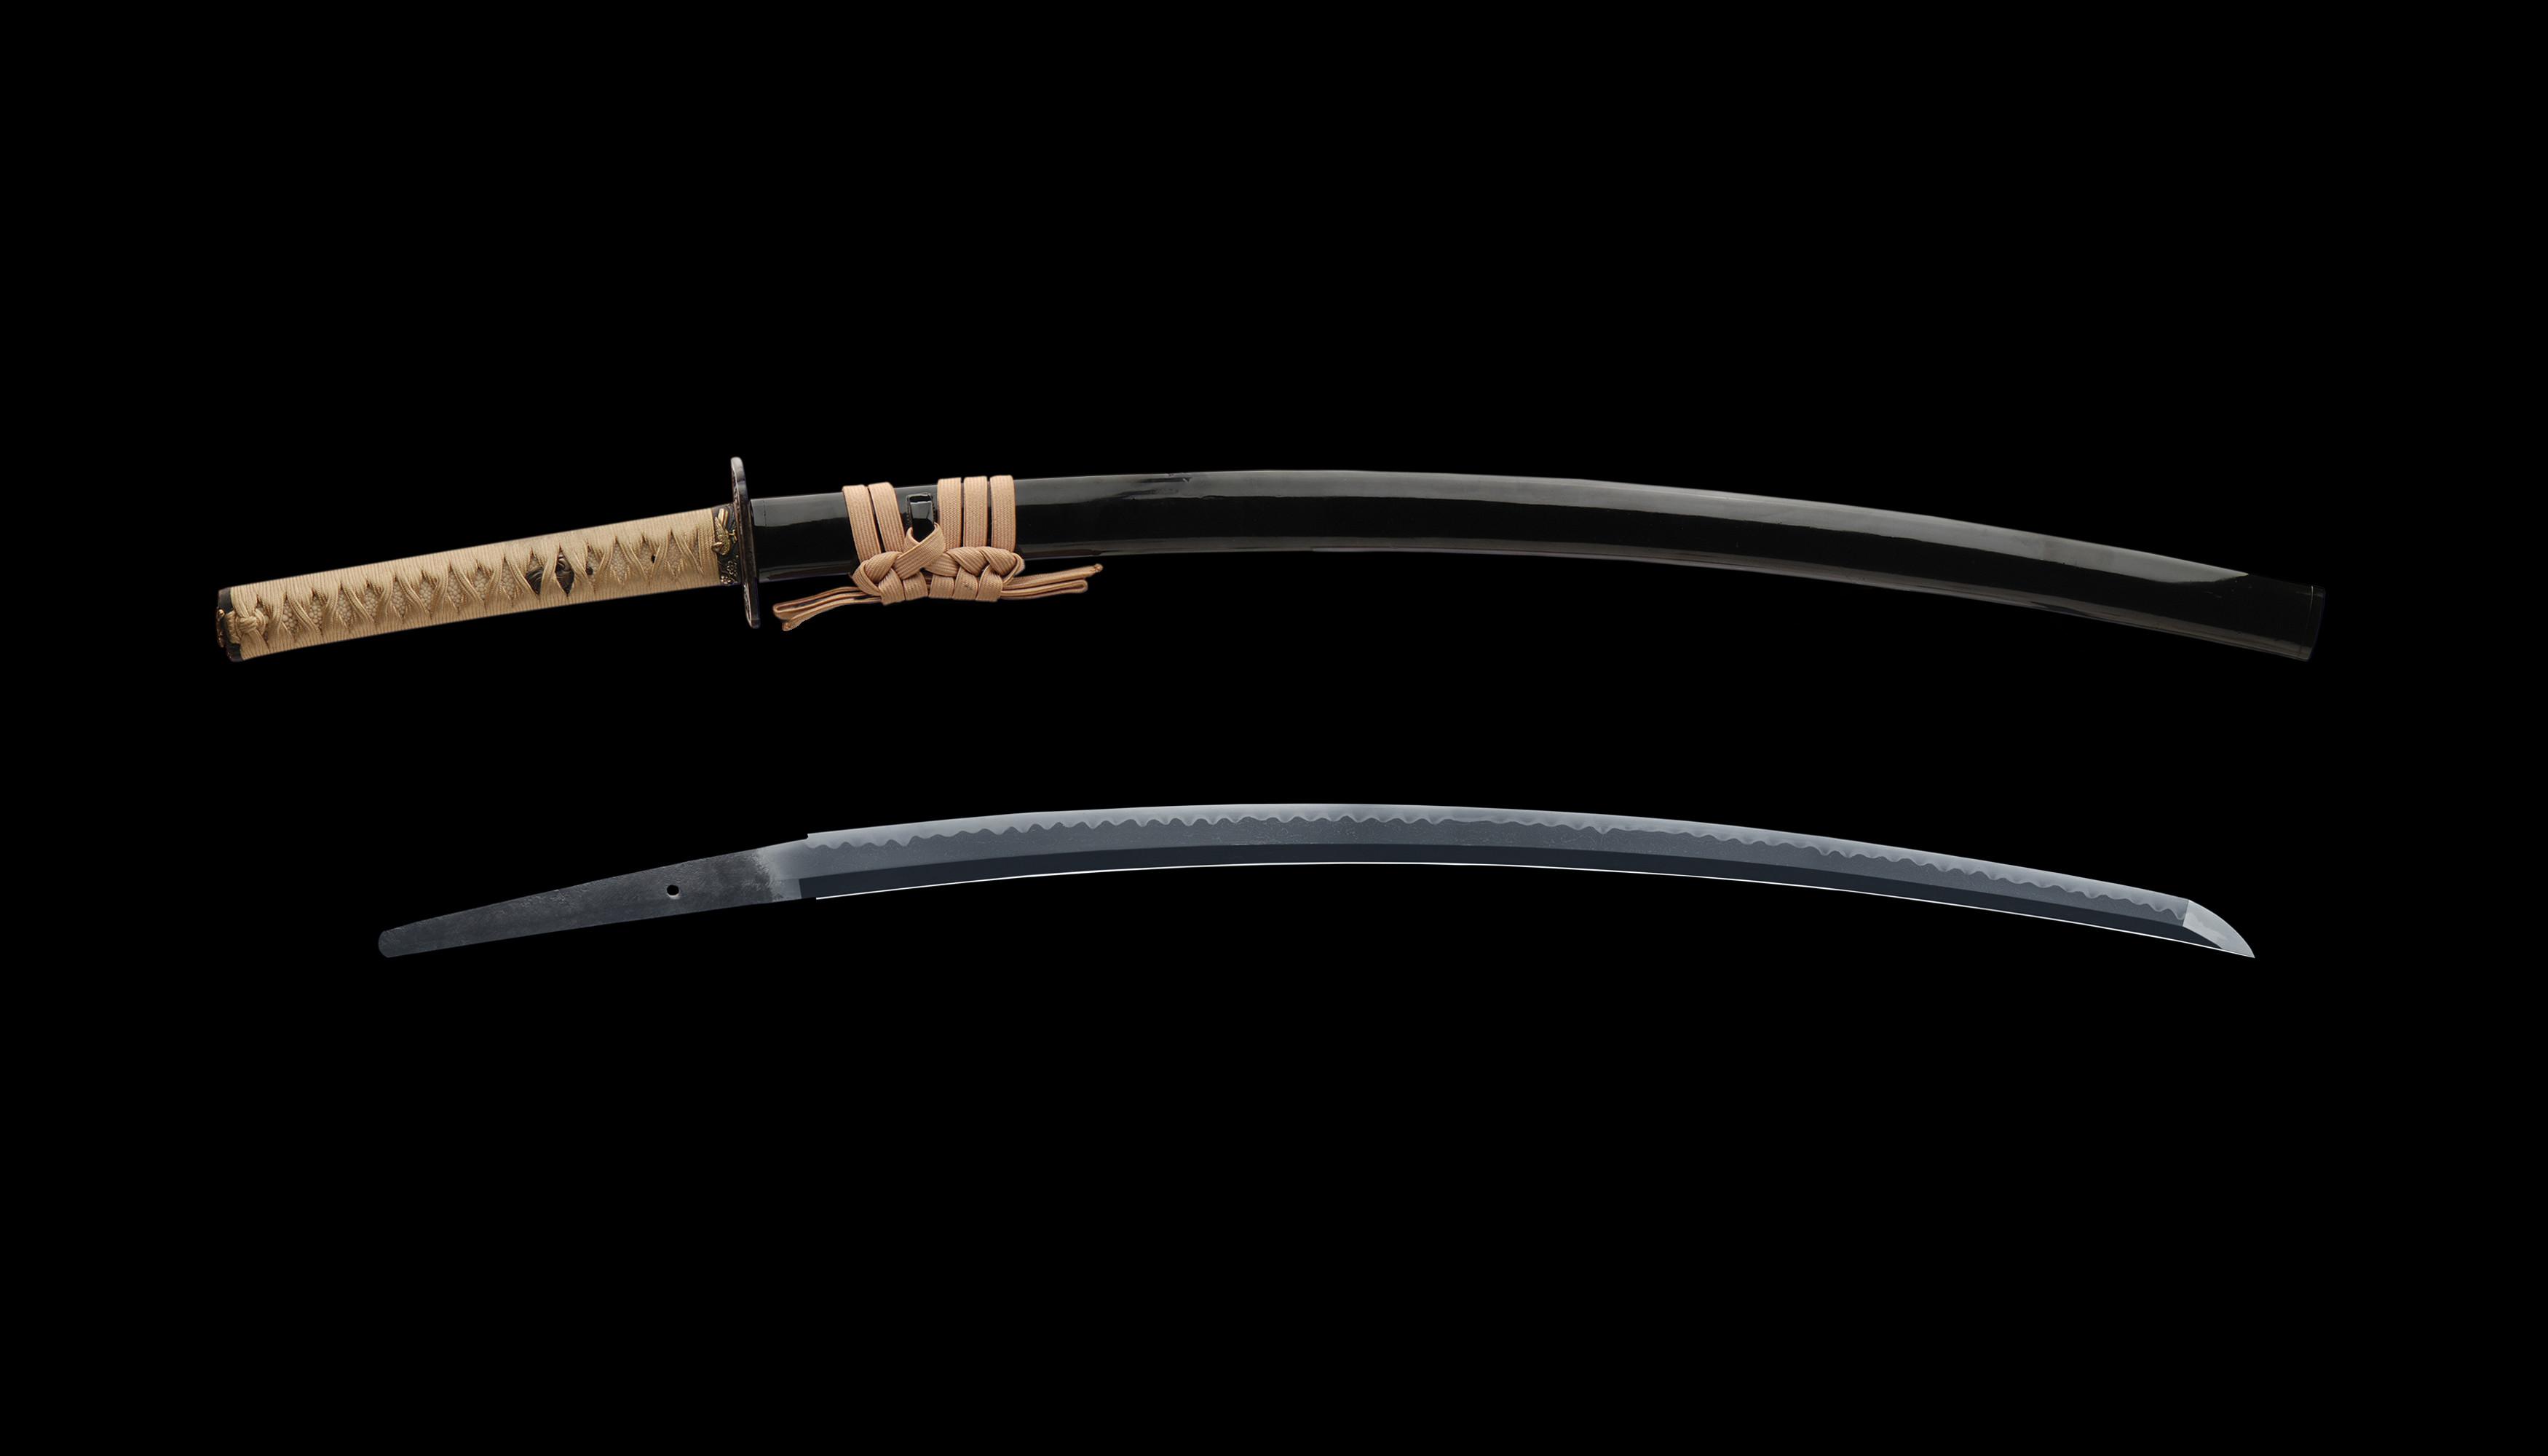 Japan, katana sword, samurai wallpaper – ForWallpaper.com